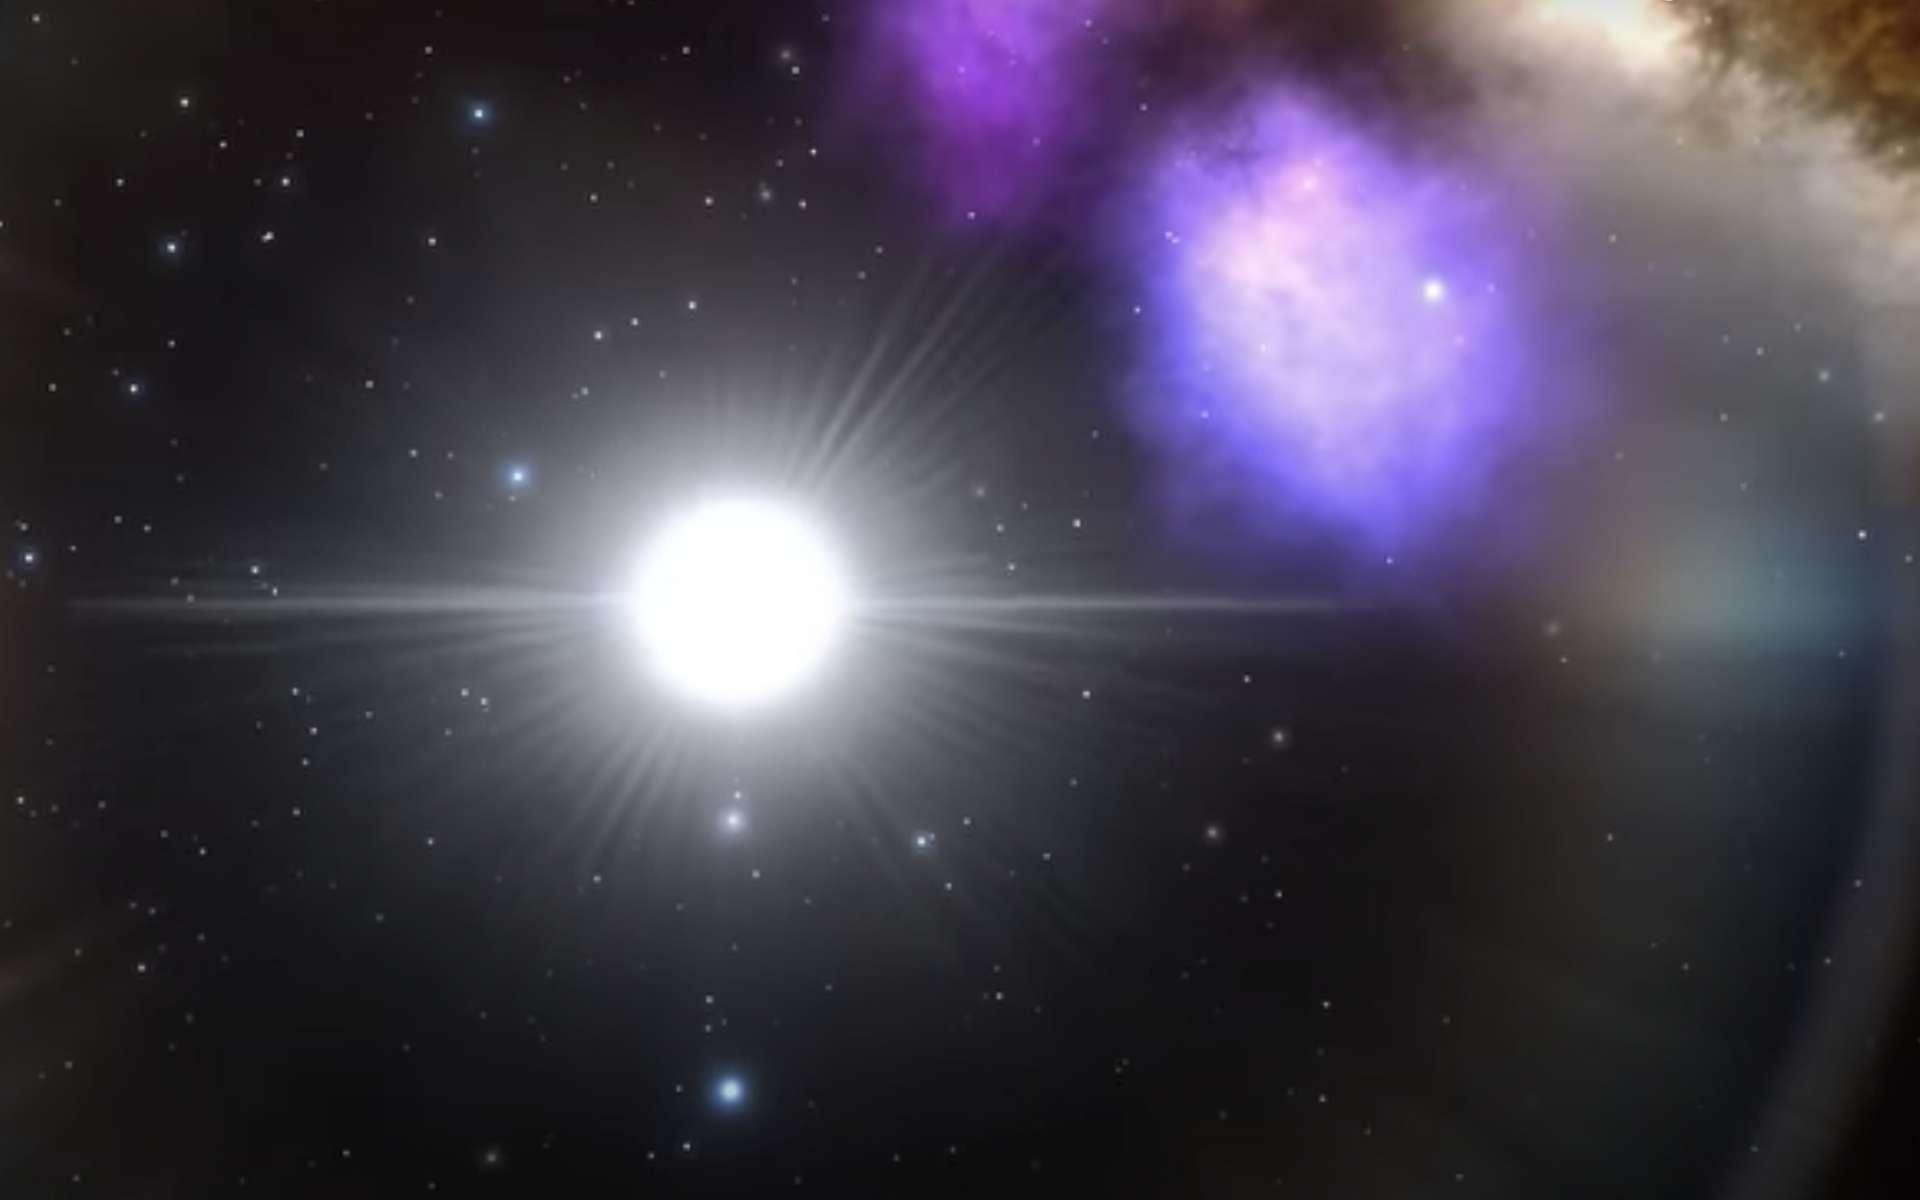 L'astérosismologie sonde les structures internes des étoiles en utilisant leurs fréquences de pulsation naturelles. © The University of Sydney